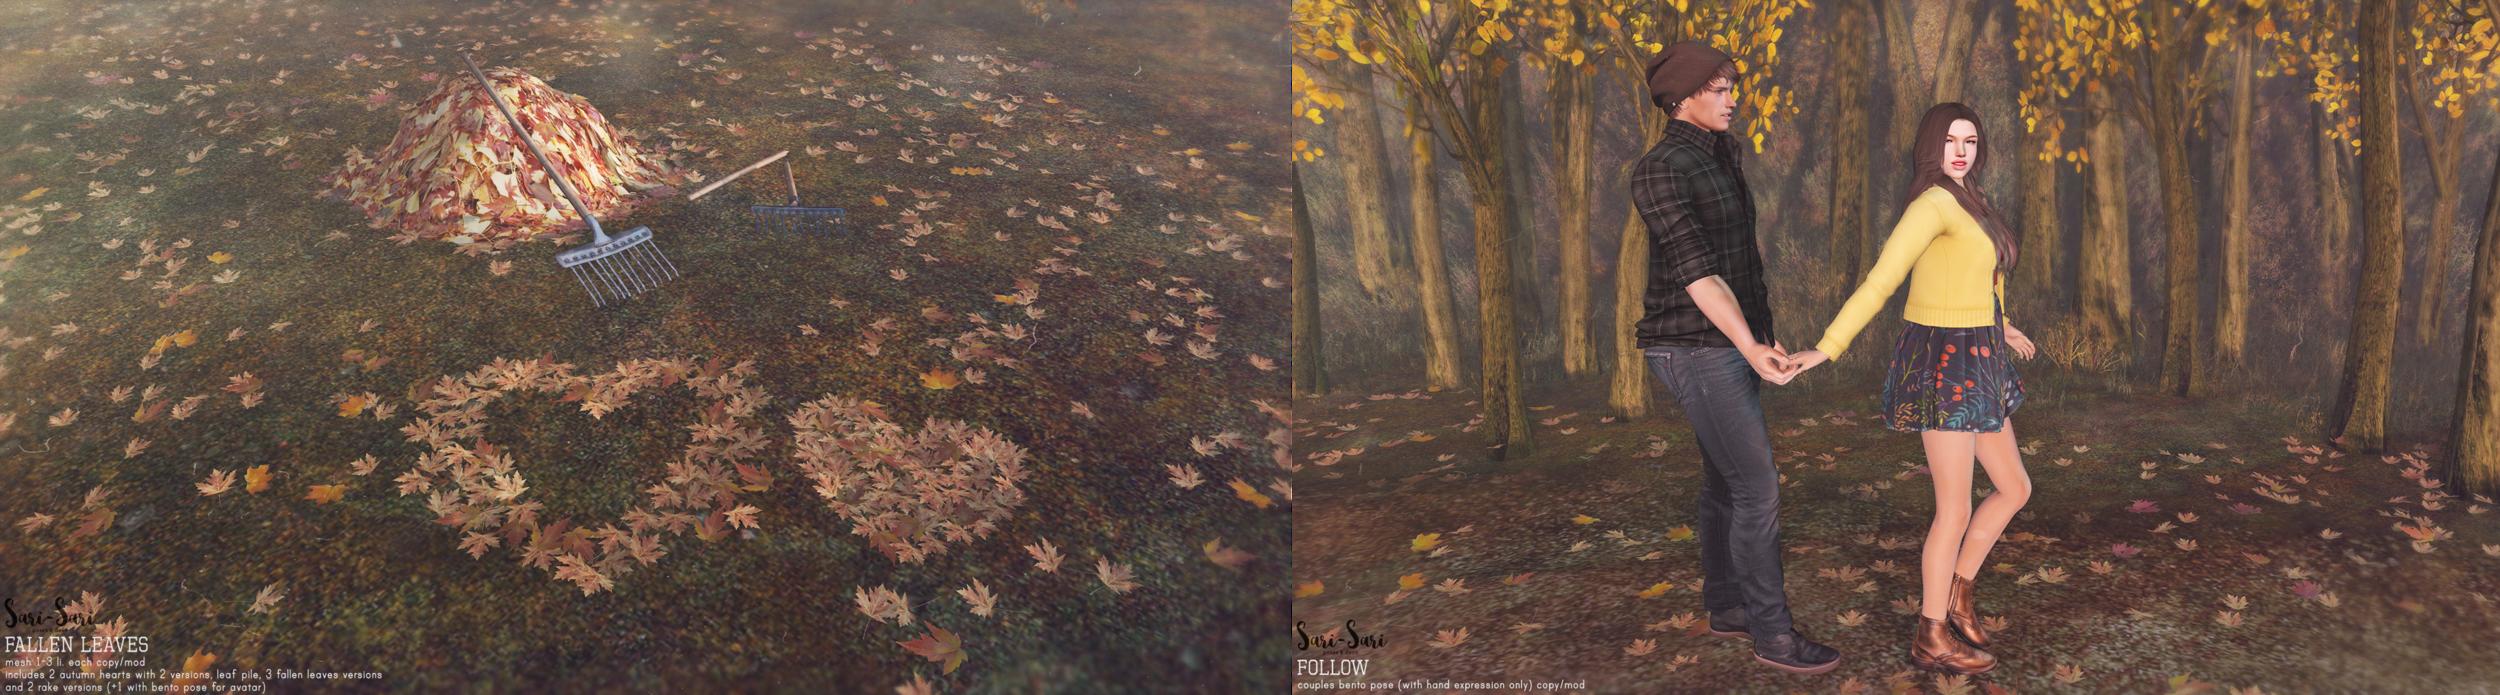 Sari-Sari - Fallen Leaves & Follow (bento).png